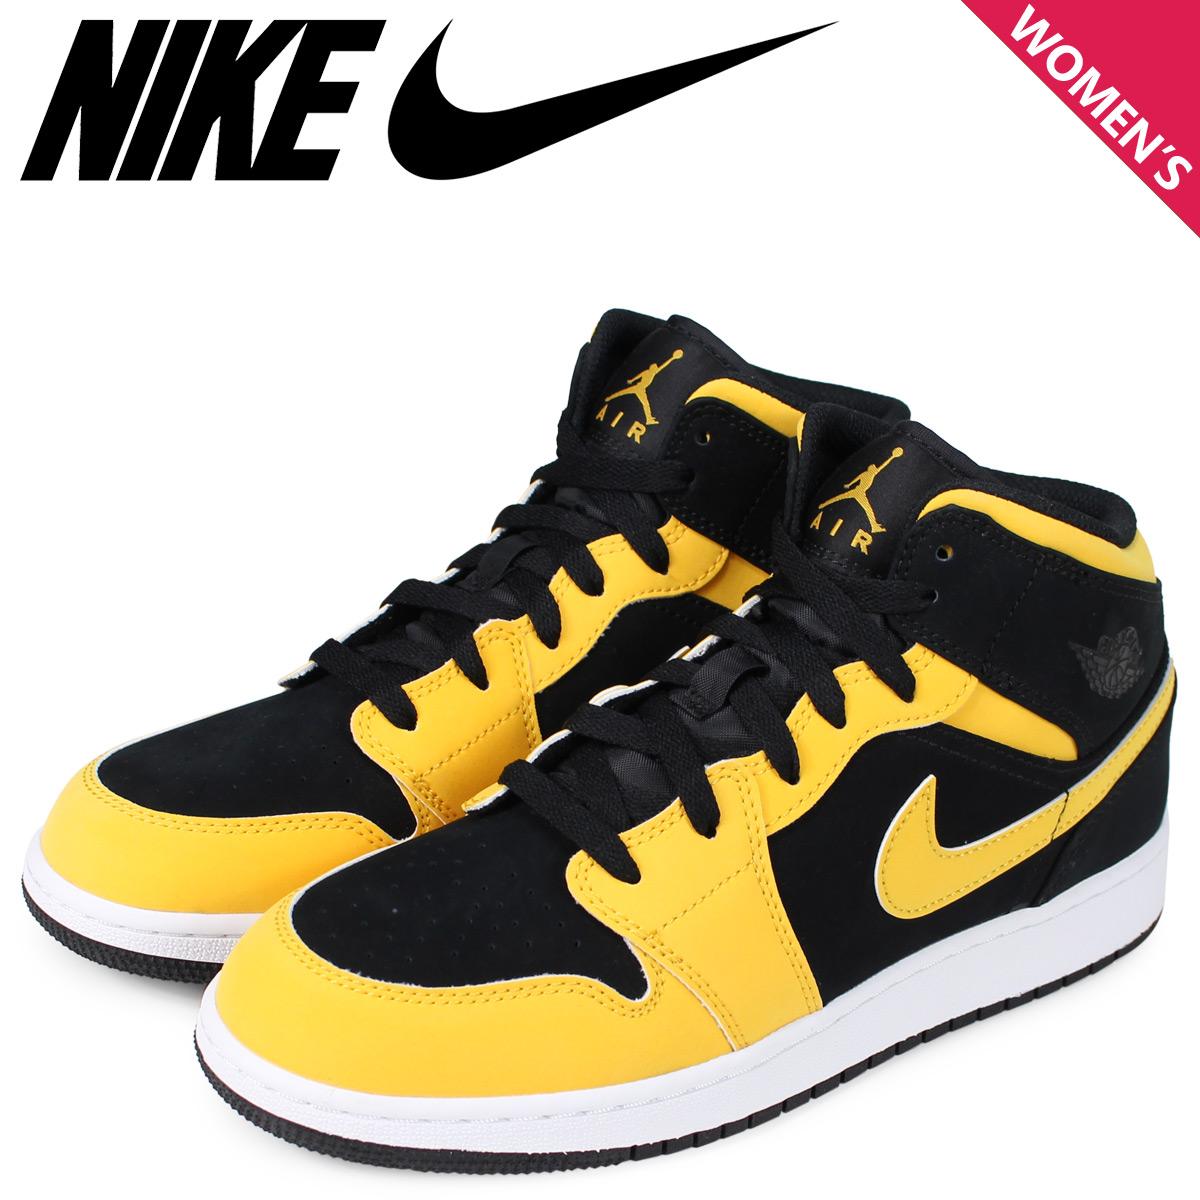 568d38e9adbb NIKE Nike Air Jordan 1 Lady s sneakers AIR JORDAN 1 MID GS REVERSIBLE NEW  LOVE black 554